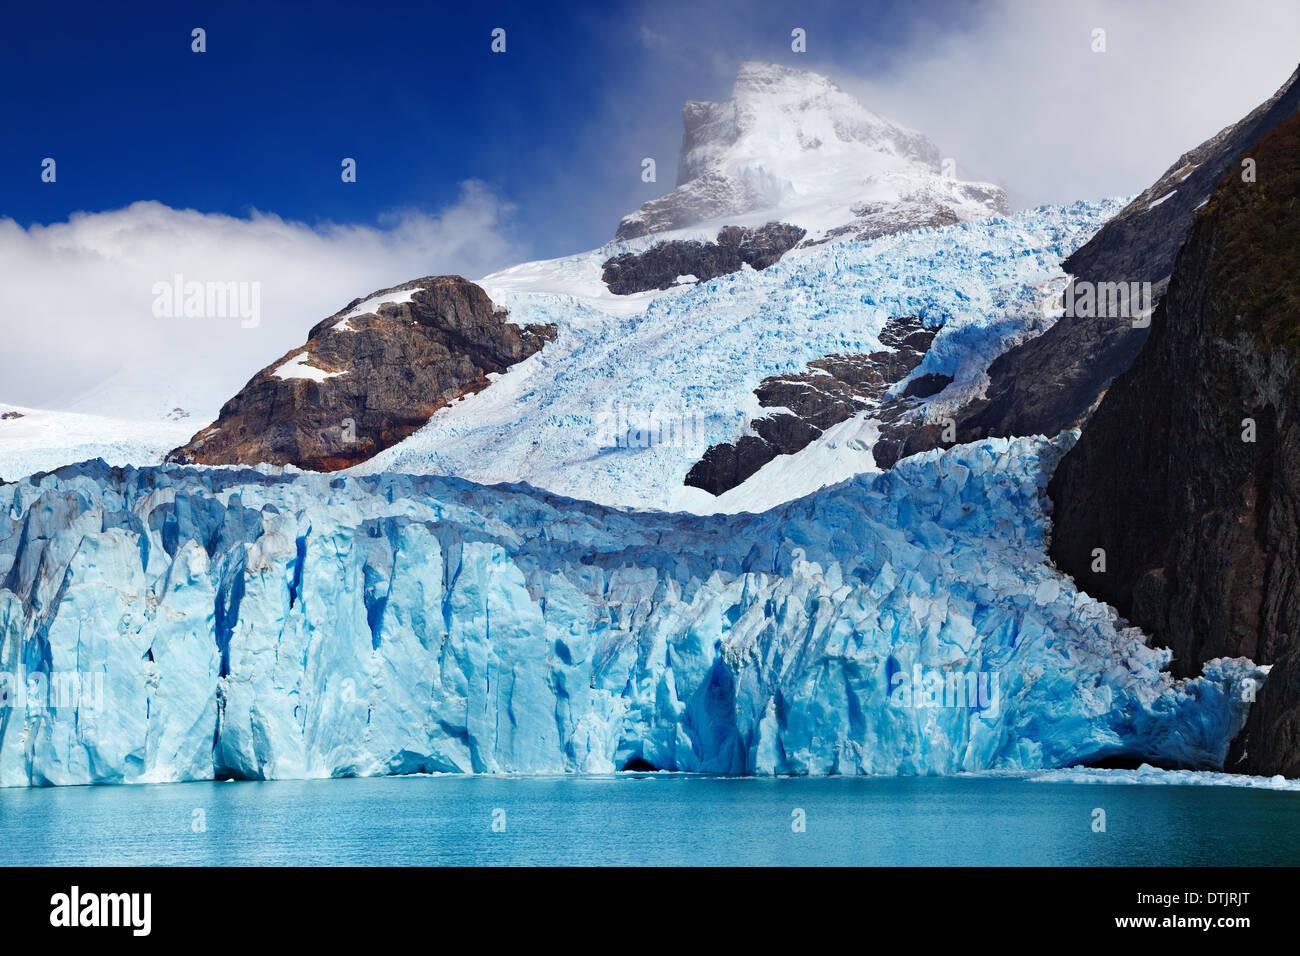 Spegazzini Gletscher, Argentino-See, Patagonien, Argentinien Stockbild